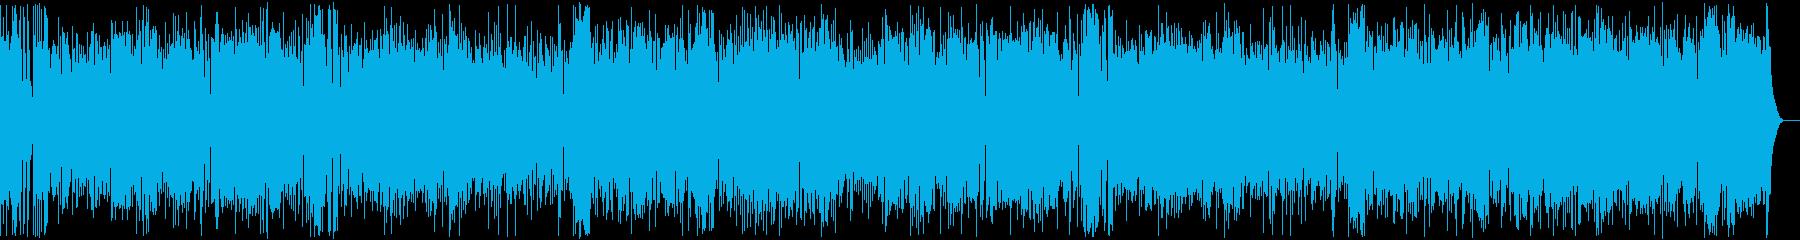 ドタバタしたコミカルな楽曲の再生済みの波形